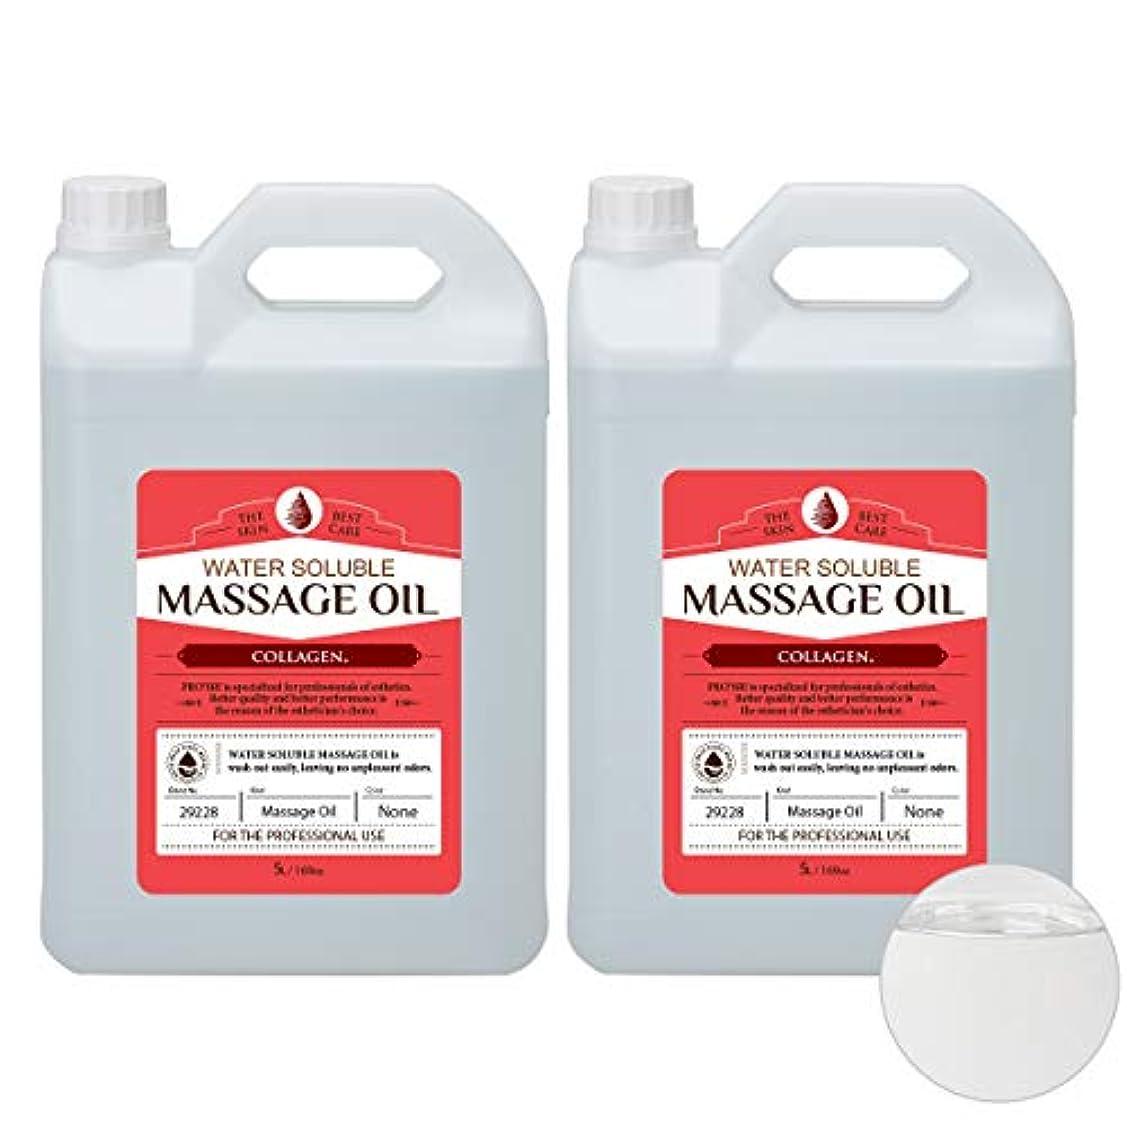 六代替案それから< プロズビ> ウォーターソルブル マッサージオイル コラーゲン 5L (2個セット) [ ボディマッサージオイル ボディオイル 水溶性オイル 水溶性アロマオイル アロママッサージオイル ミネラルオイル 無香料 業務用 ]